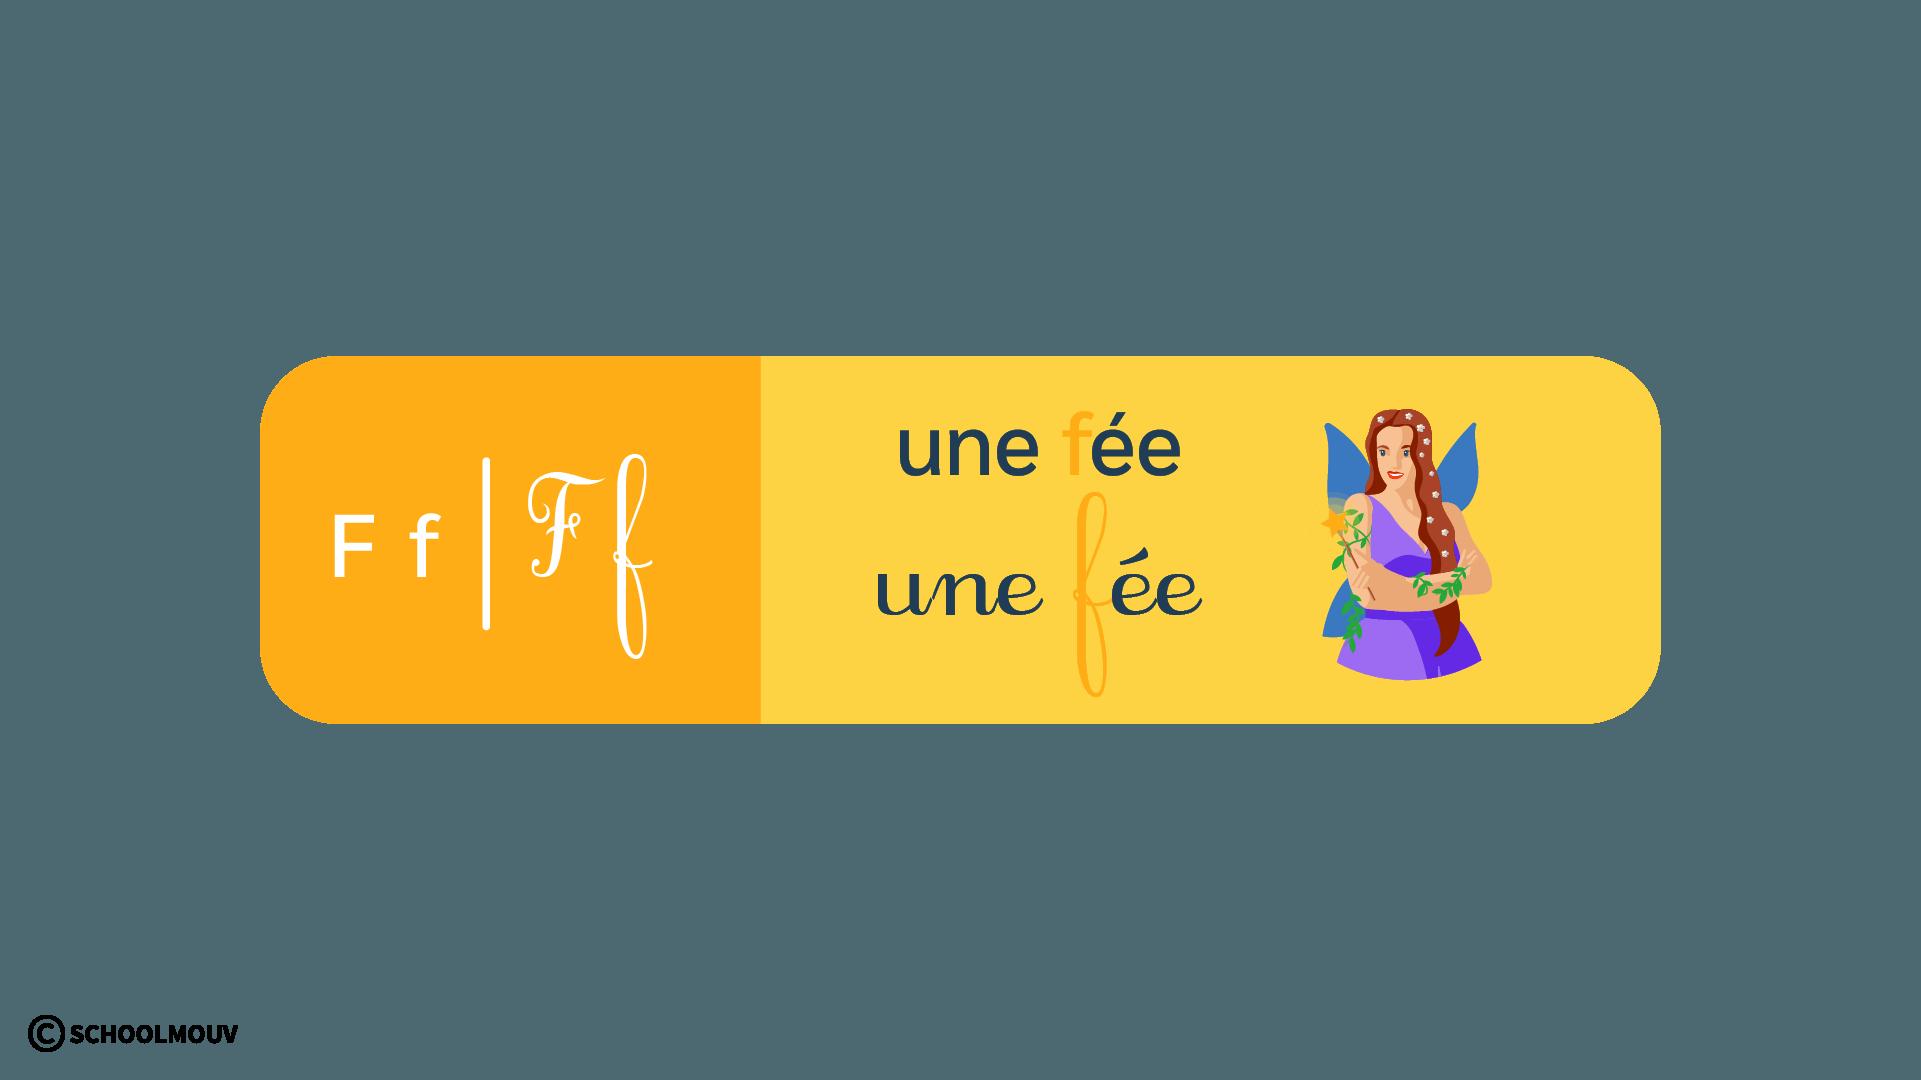 français - apprentissage de la lecture - CP - schoolmouv - la lettre f